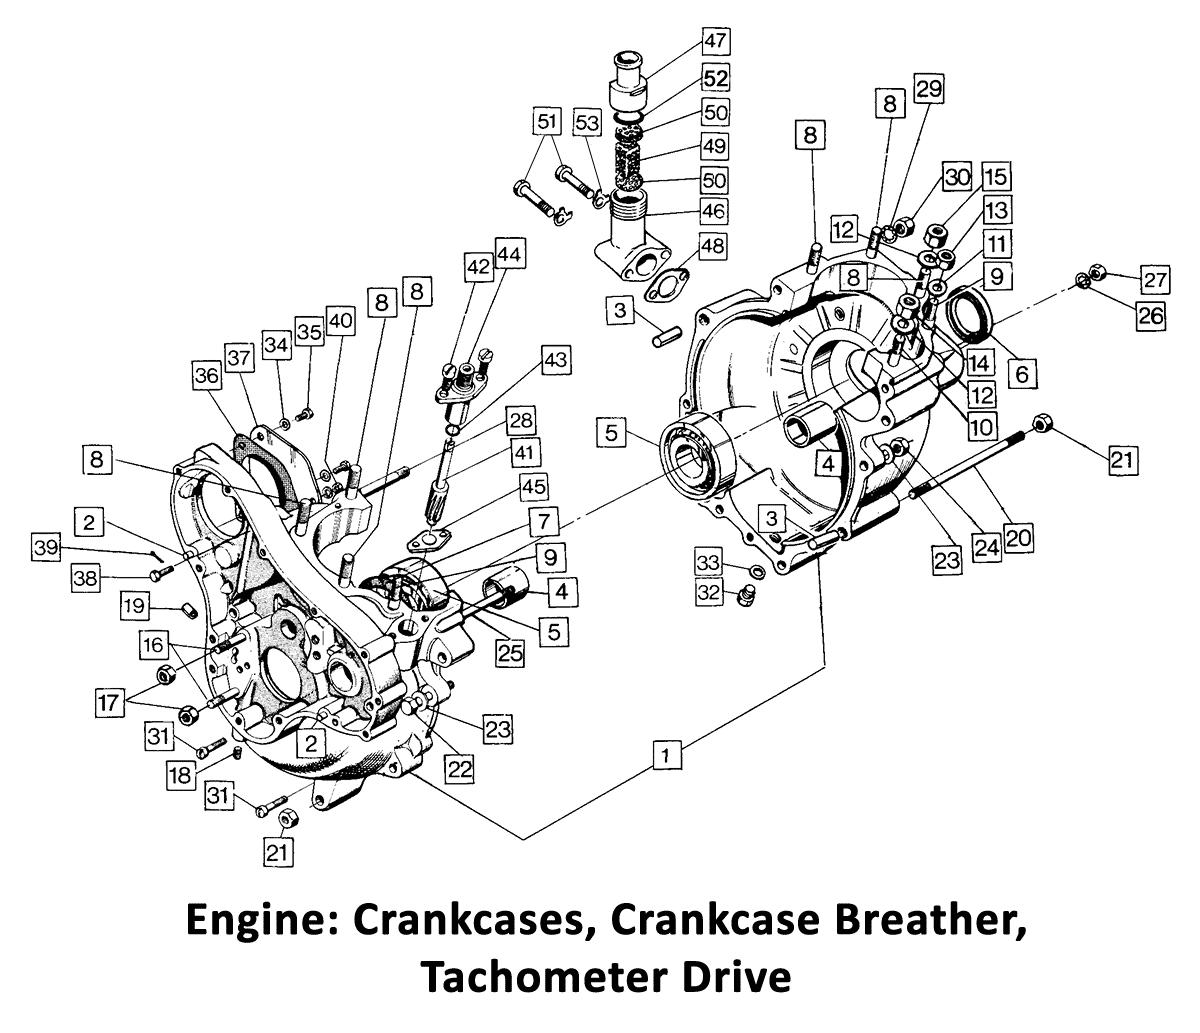 1972 Norton Commando Crankcases, Breather, Tacho Drive